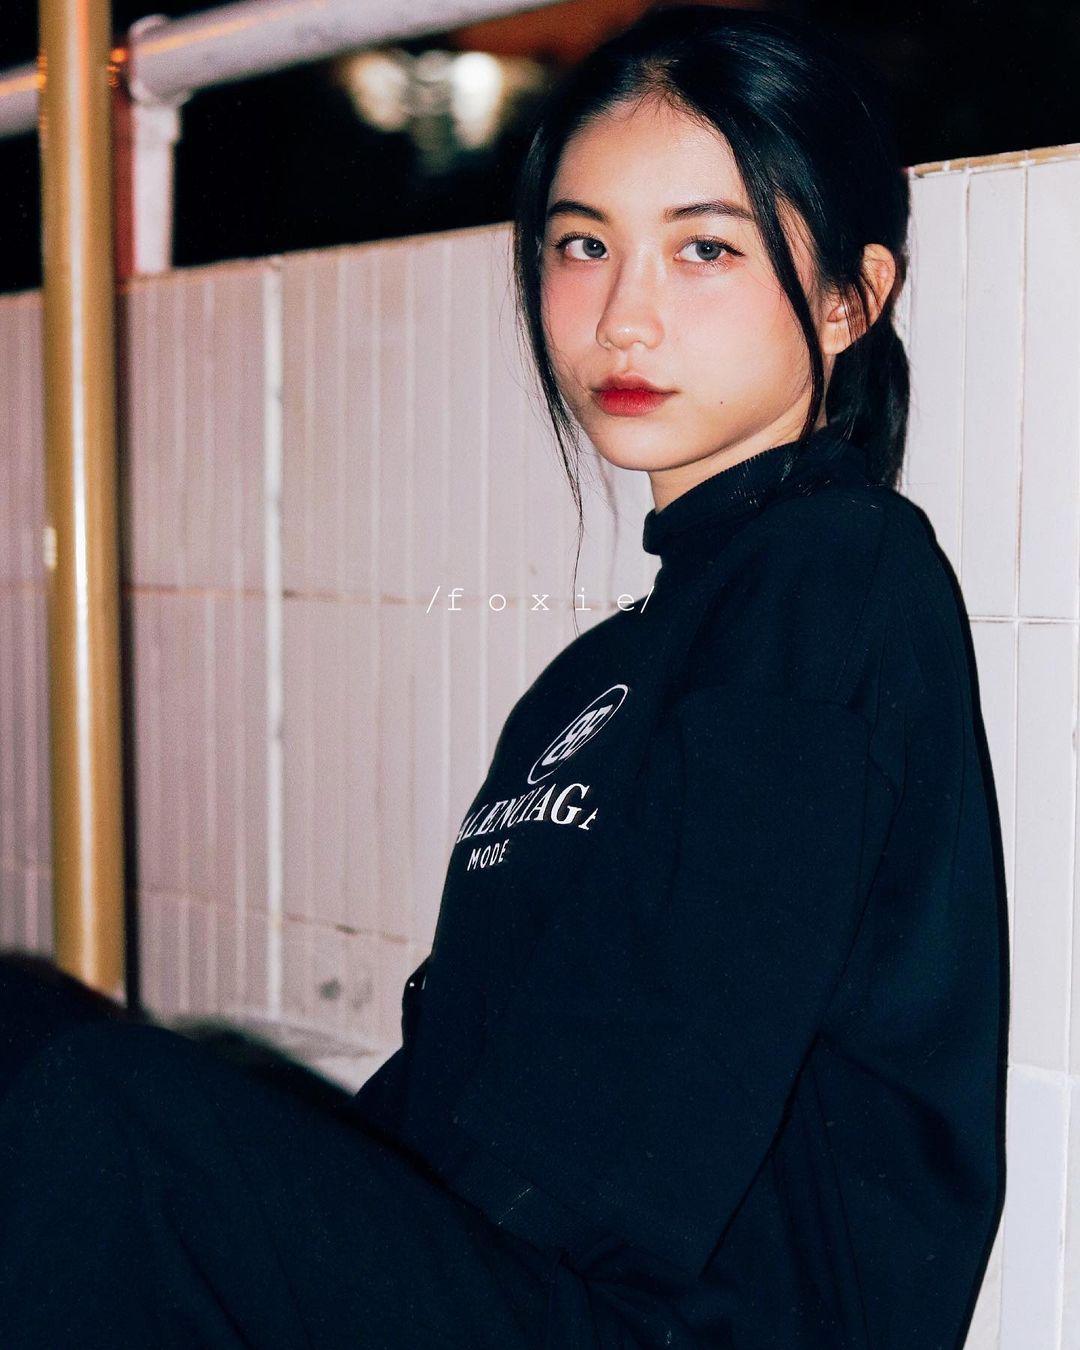 天菜越南妹「Kim Anh」迷蒙眼神仿佛随时在放电空灵气质更是无比疗愈人心 养眼图片 第5张